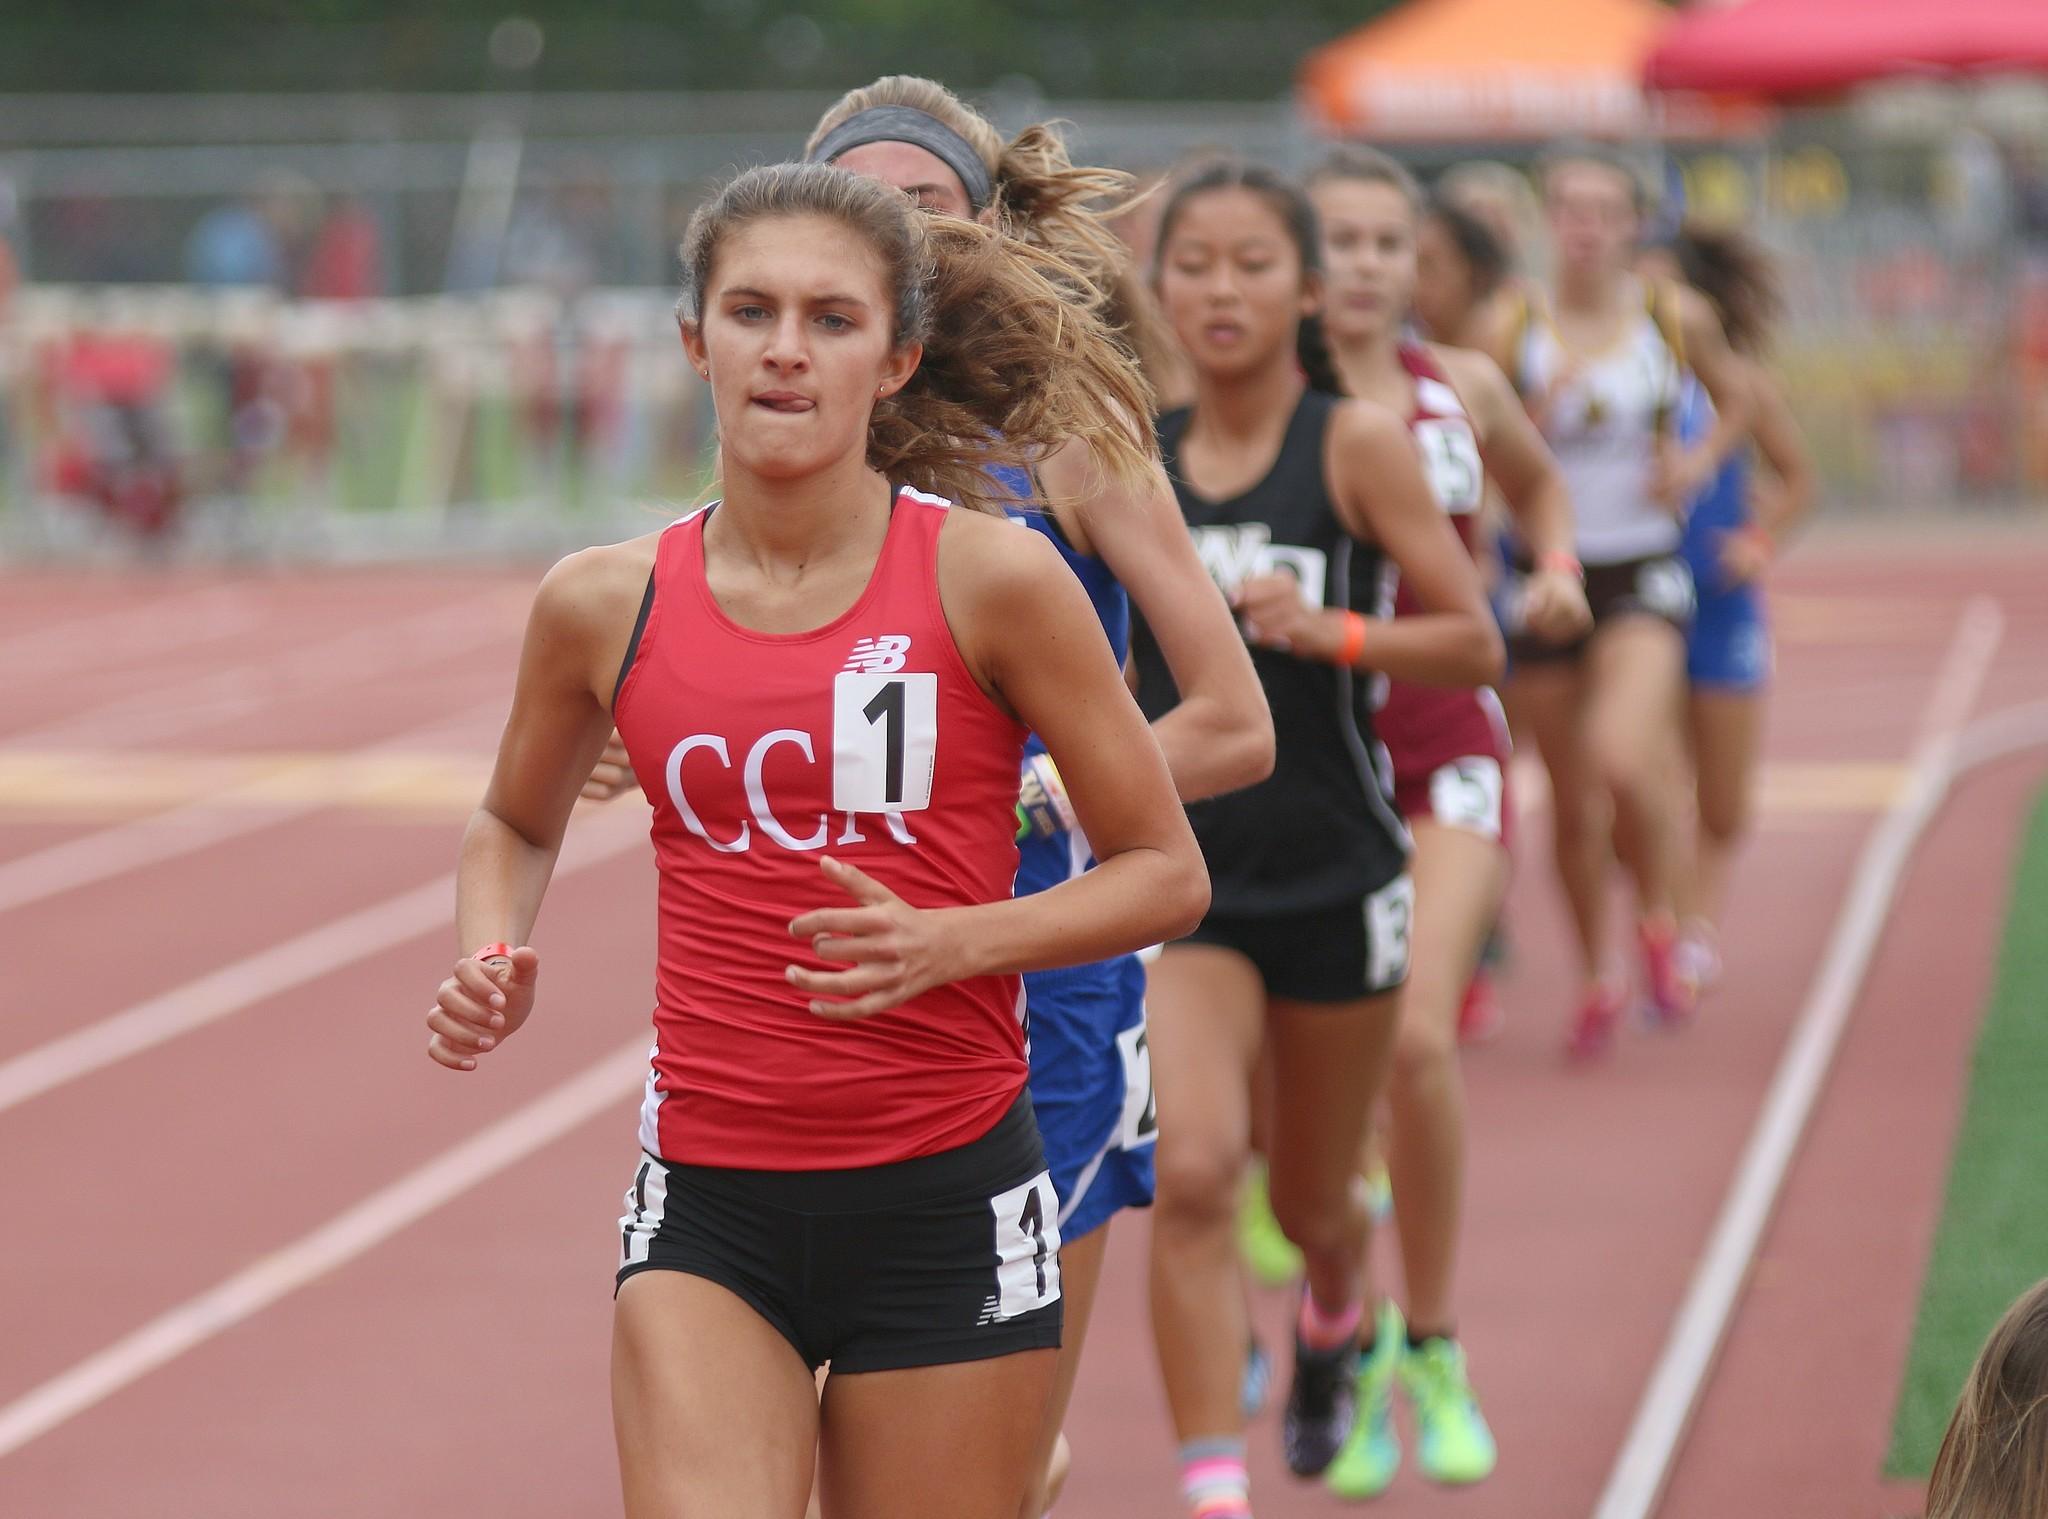 Carlie runner